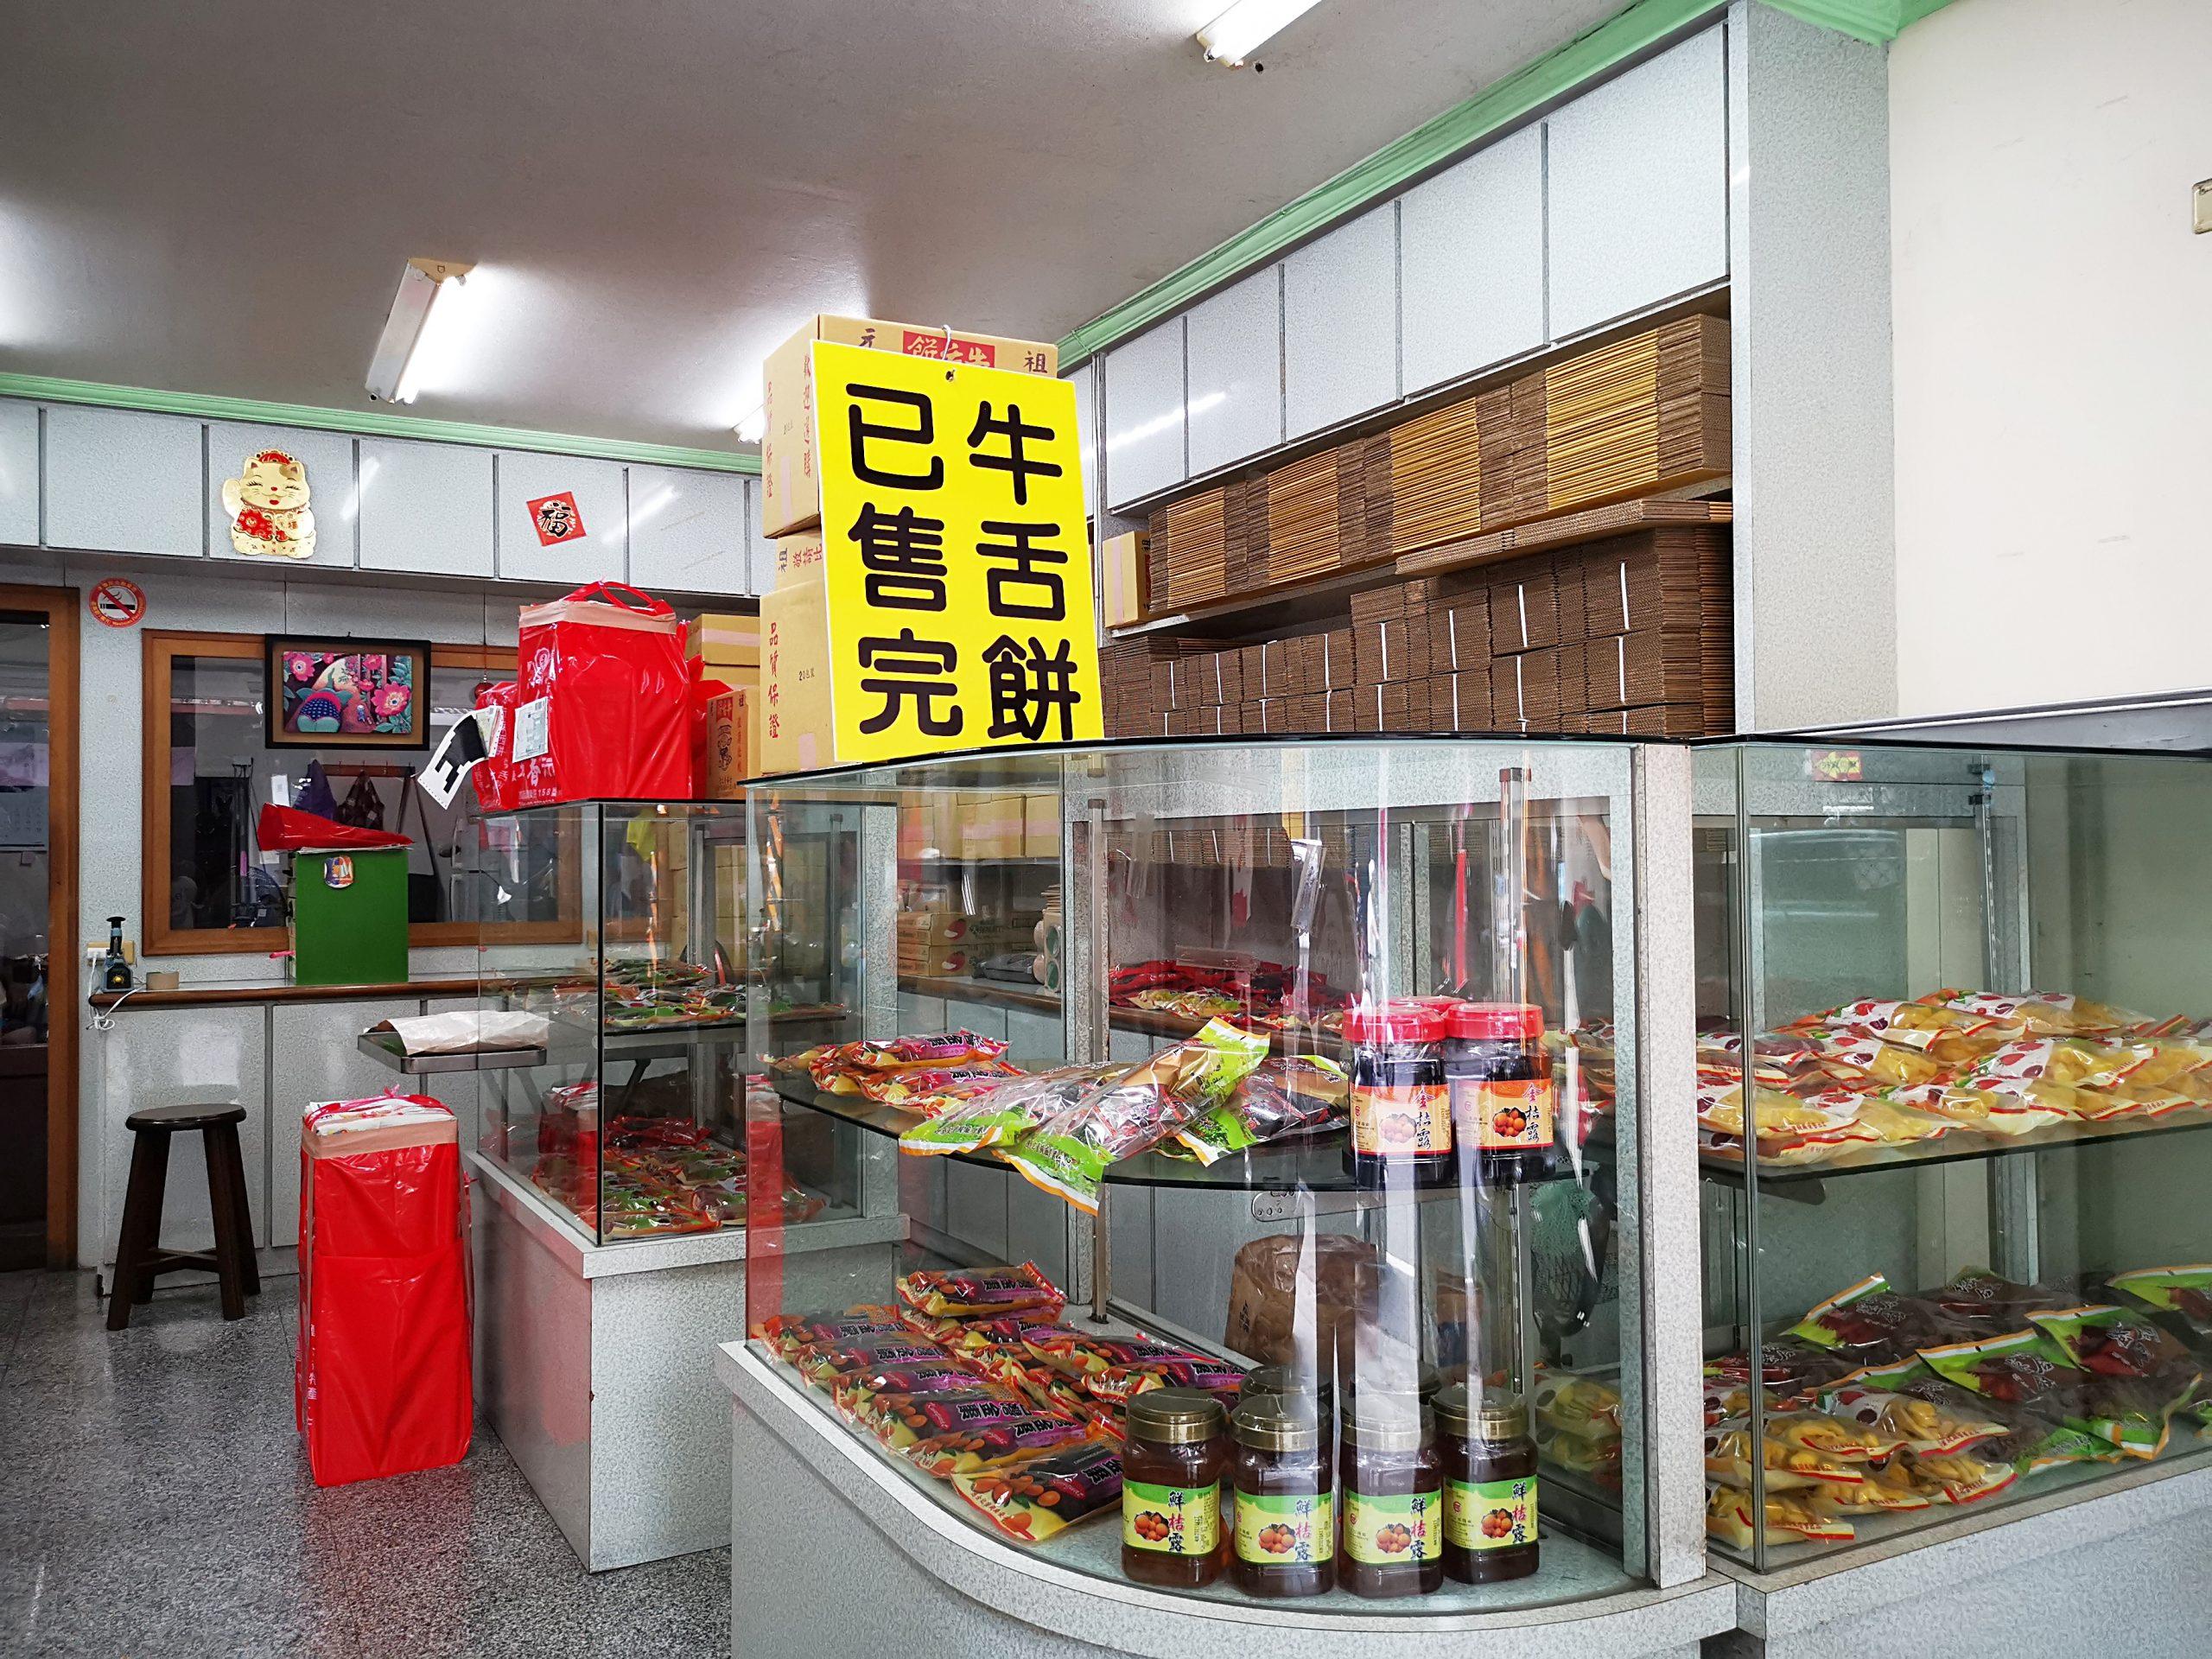 【台北漢堡】五家台北熱門個性漢堡(沒有固定營業地點、堅持麵包自己做、只賣漢堡專門店) @Maruko與美食有個約會